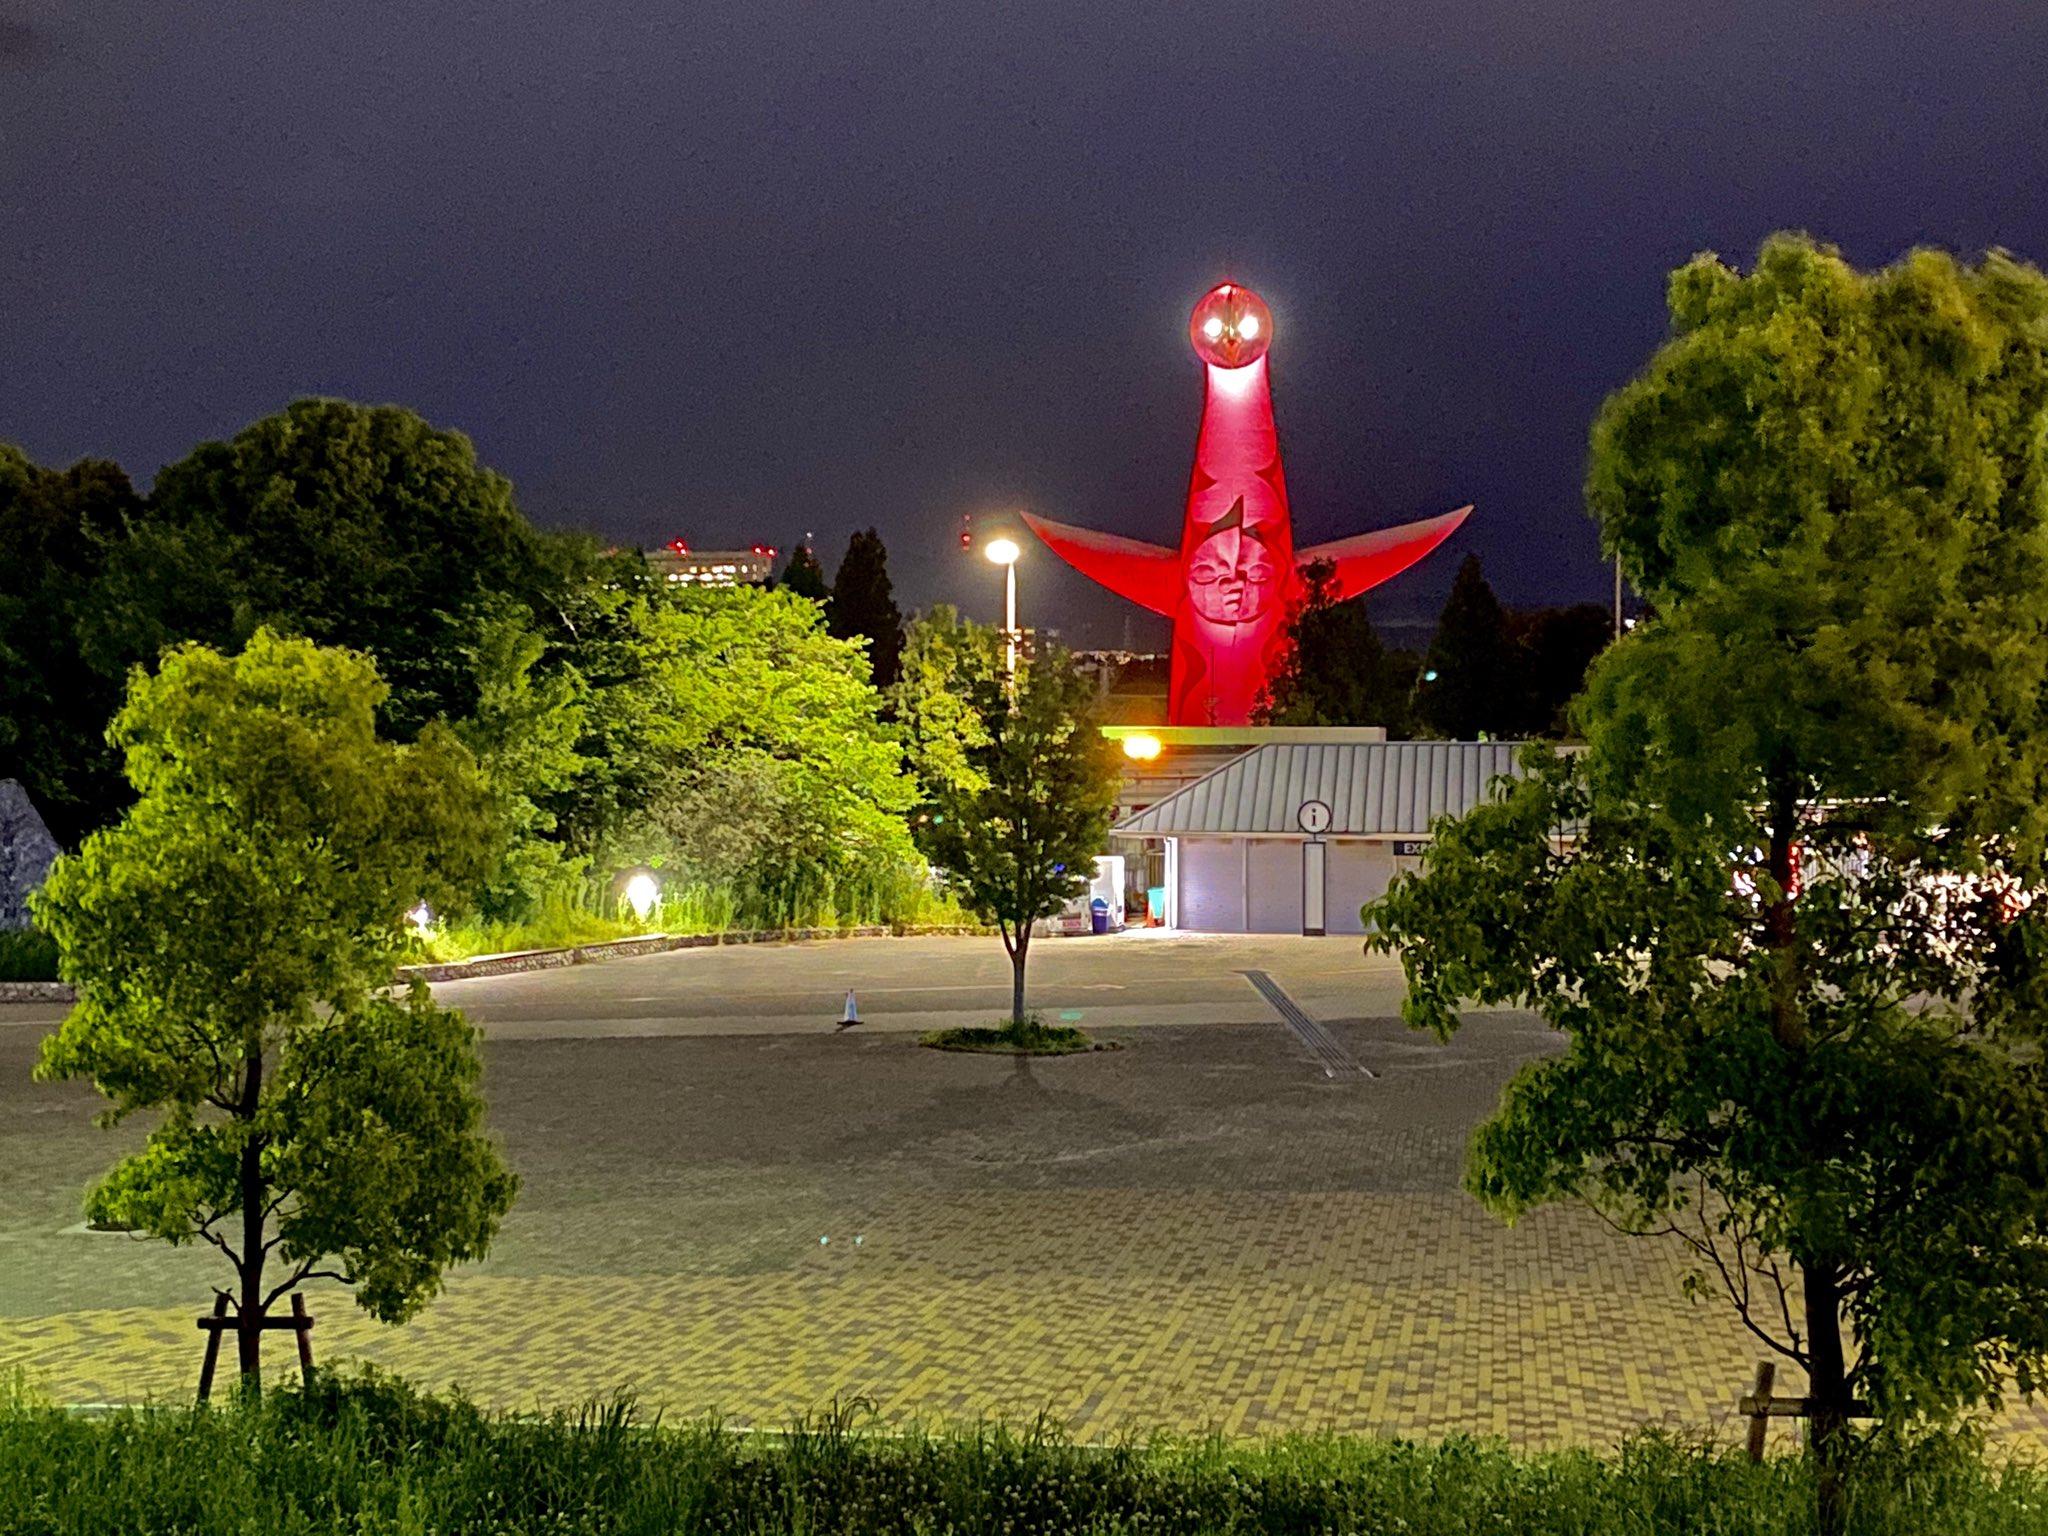 太陽の塔の使徒感がヤバいww新型コロナの警戒基準をライトアップで知らせるという取り組み。